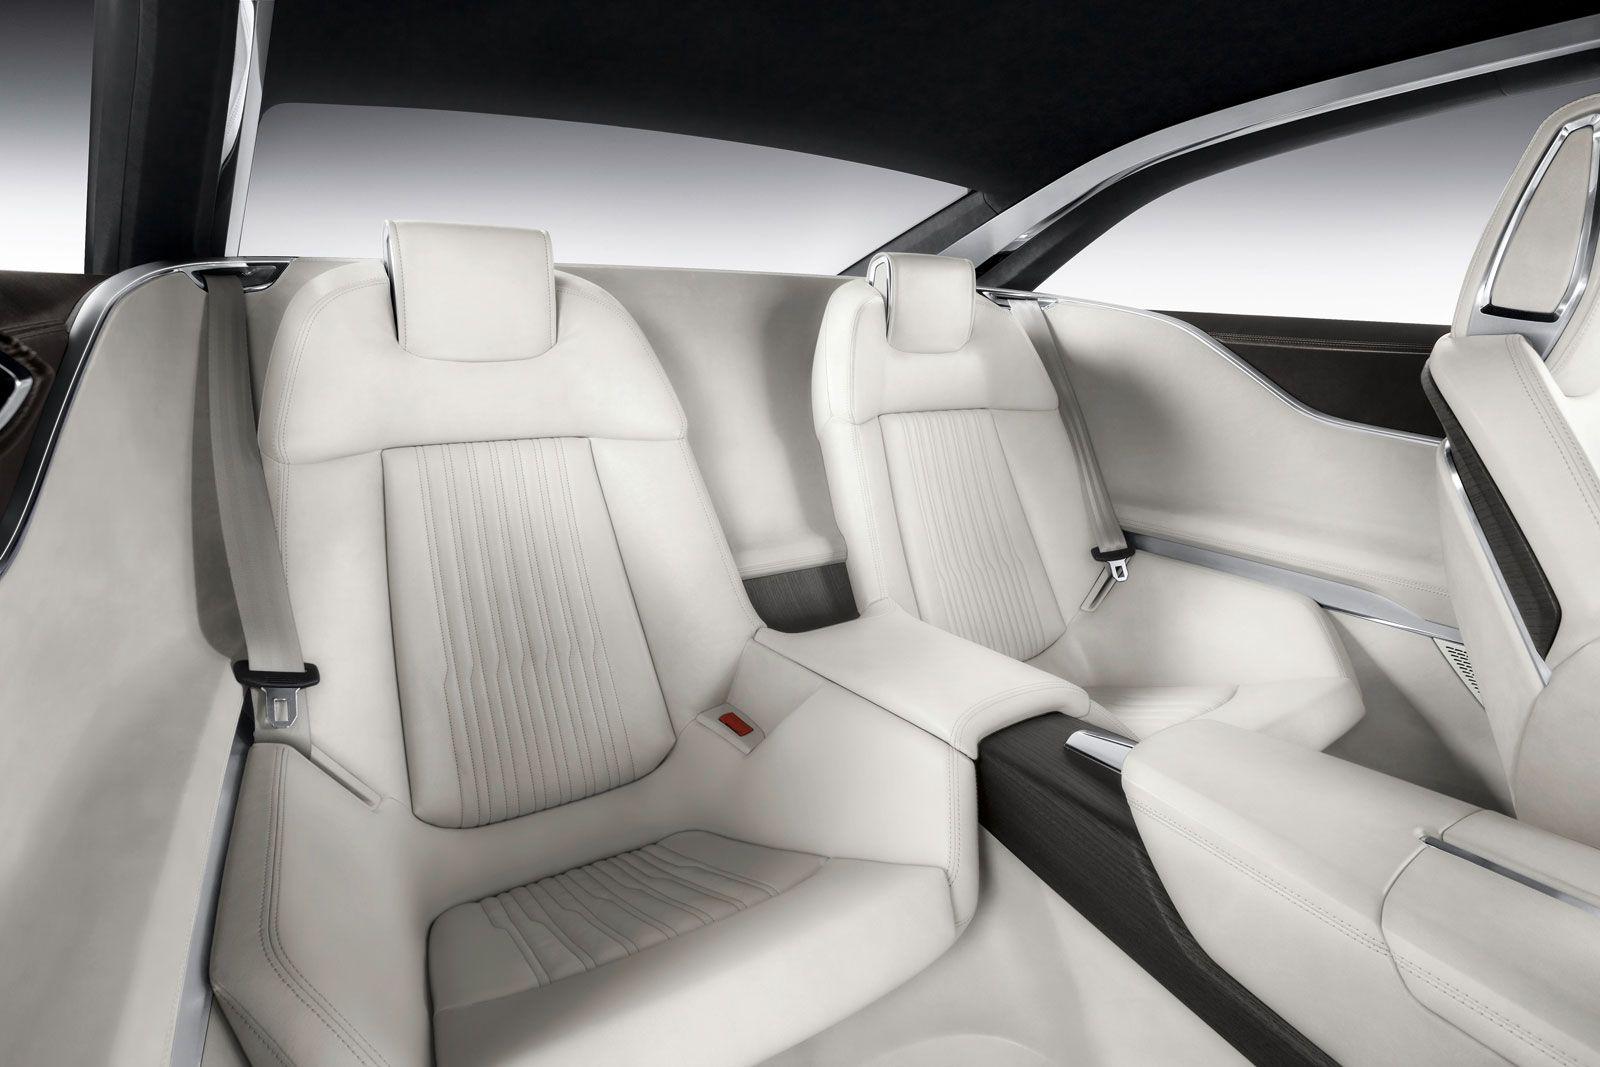 Audi Prologue Concept Interior Rear Seats Concept Car Design Car